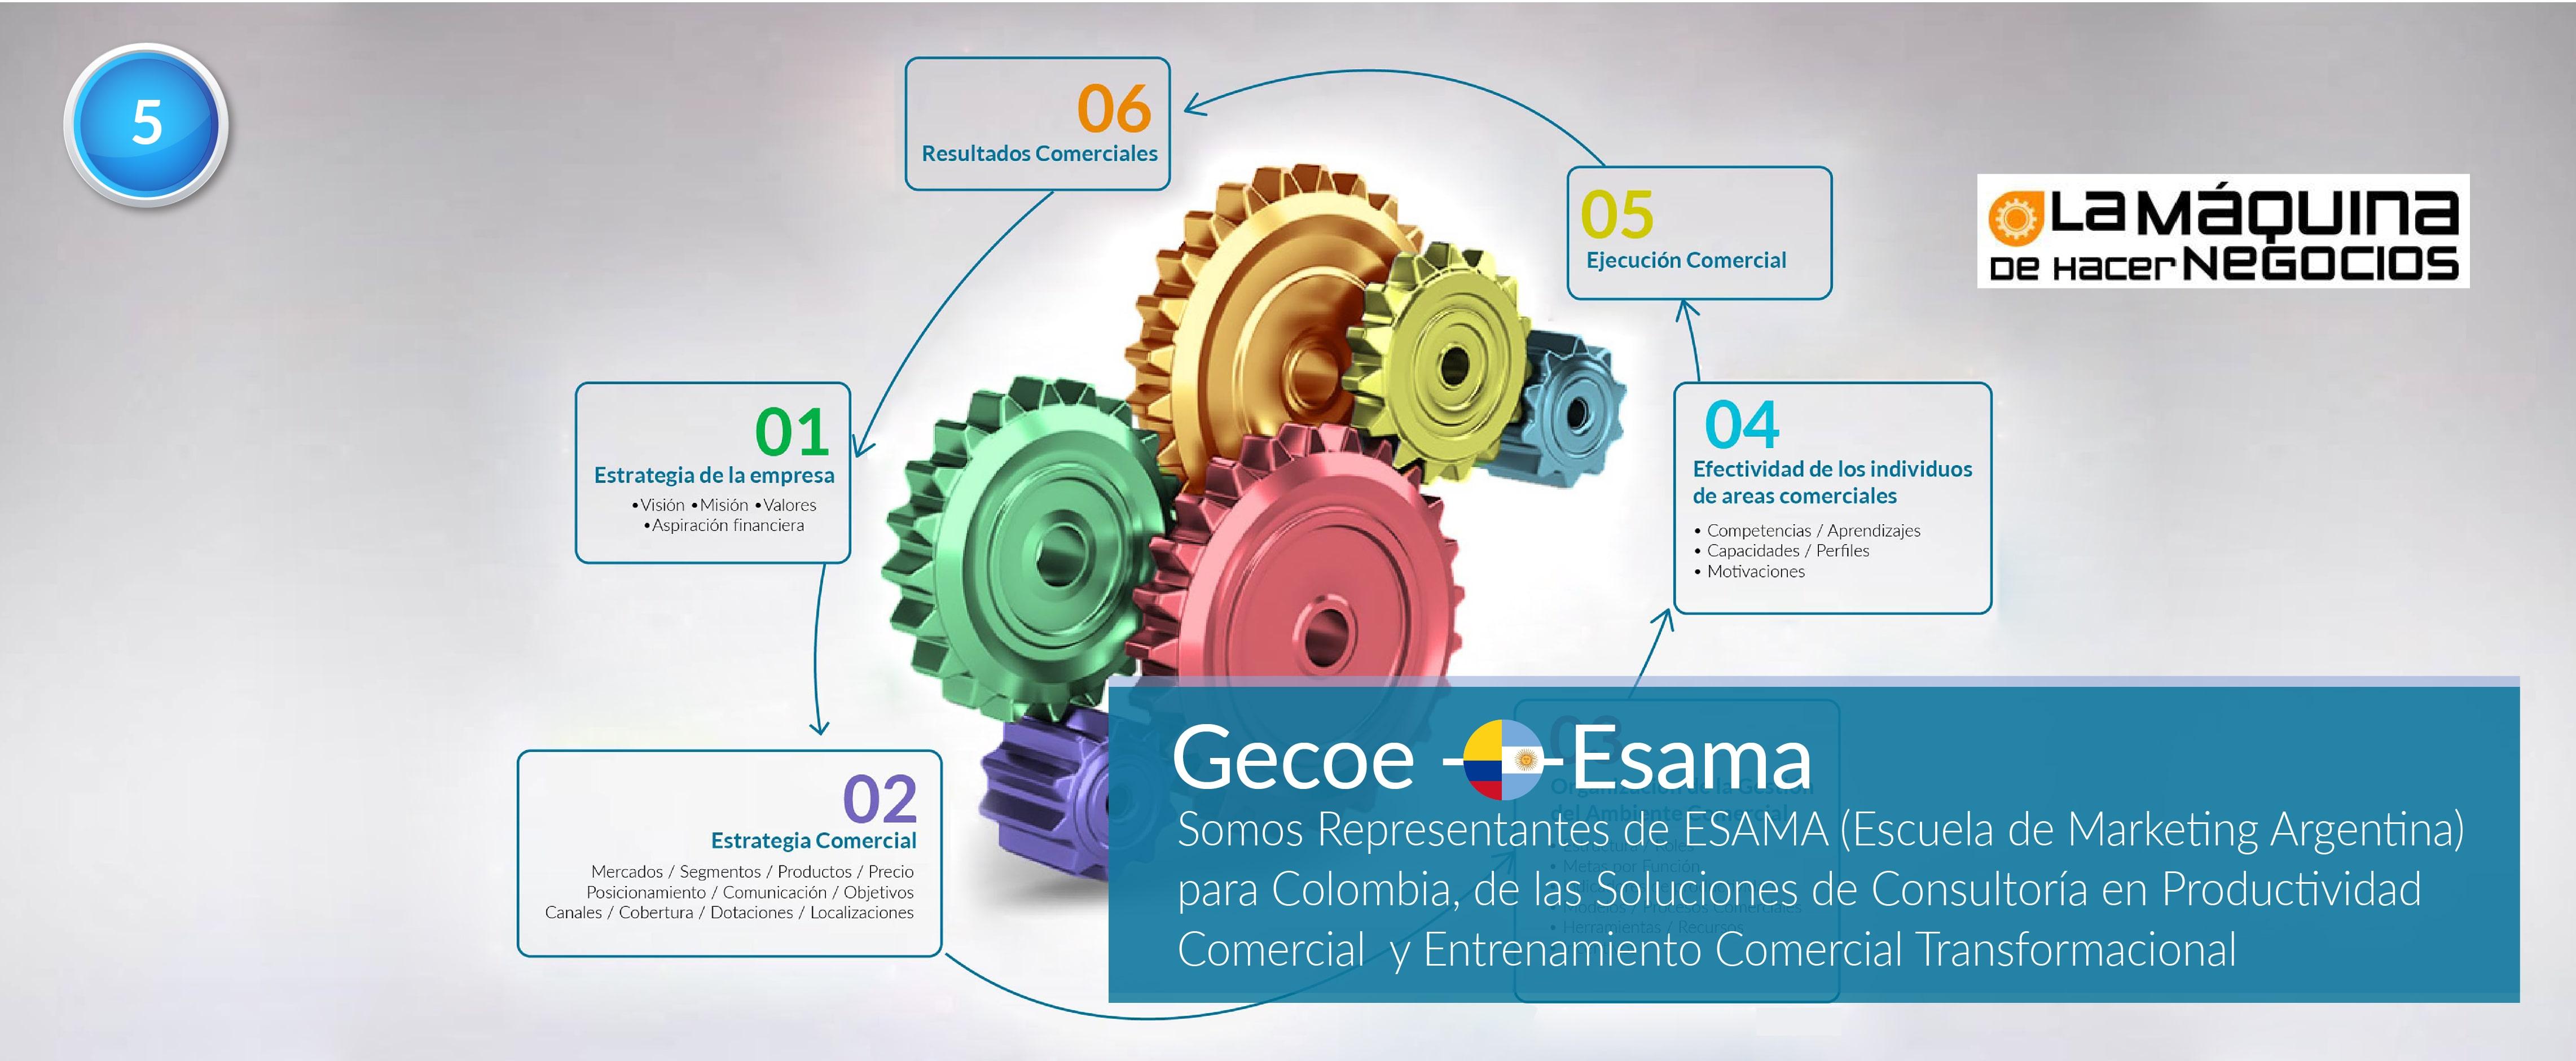 http://gecoe.com.co/wp-content/uploads/2017/04/BANNERS-GECOE2-05-min.jpg